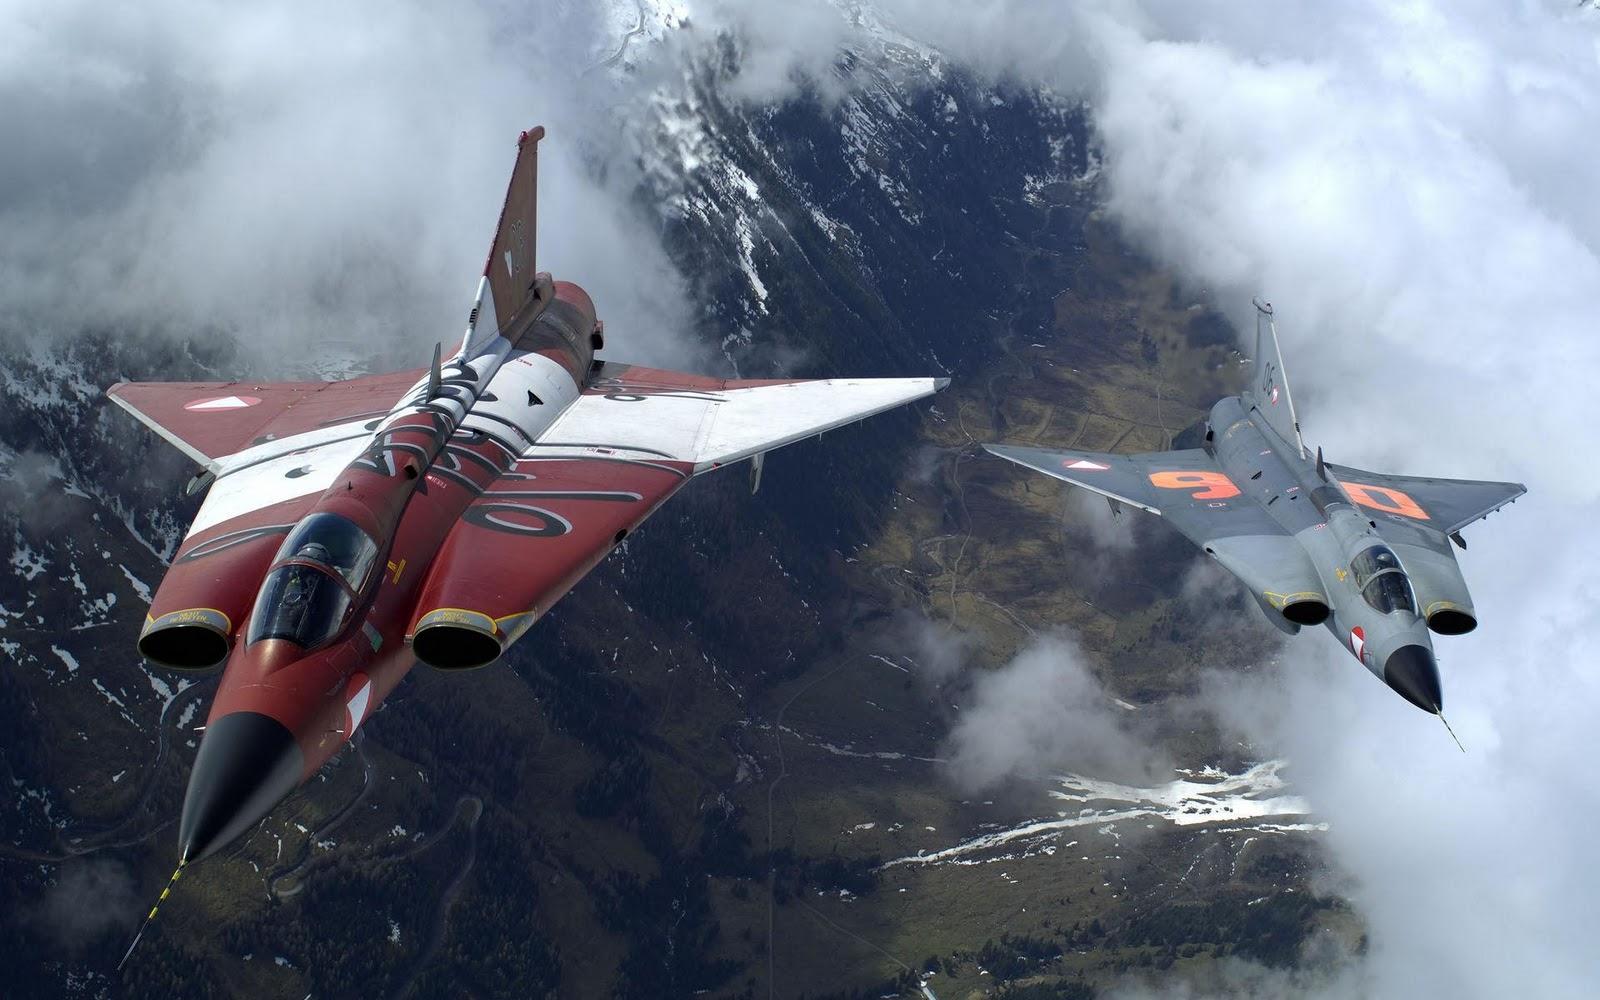 http://4.bp.blogspot.com/-PJqnwGJAY64/TtalD3evD_I/AAAAAAAAA5I/p4L5BZu8iqo/s1600/1920x1200_fond-ecran-transport-divers-avion-militaire-187.jpg